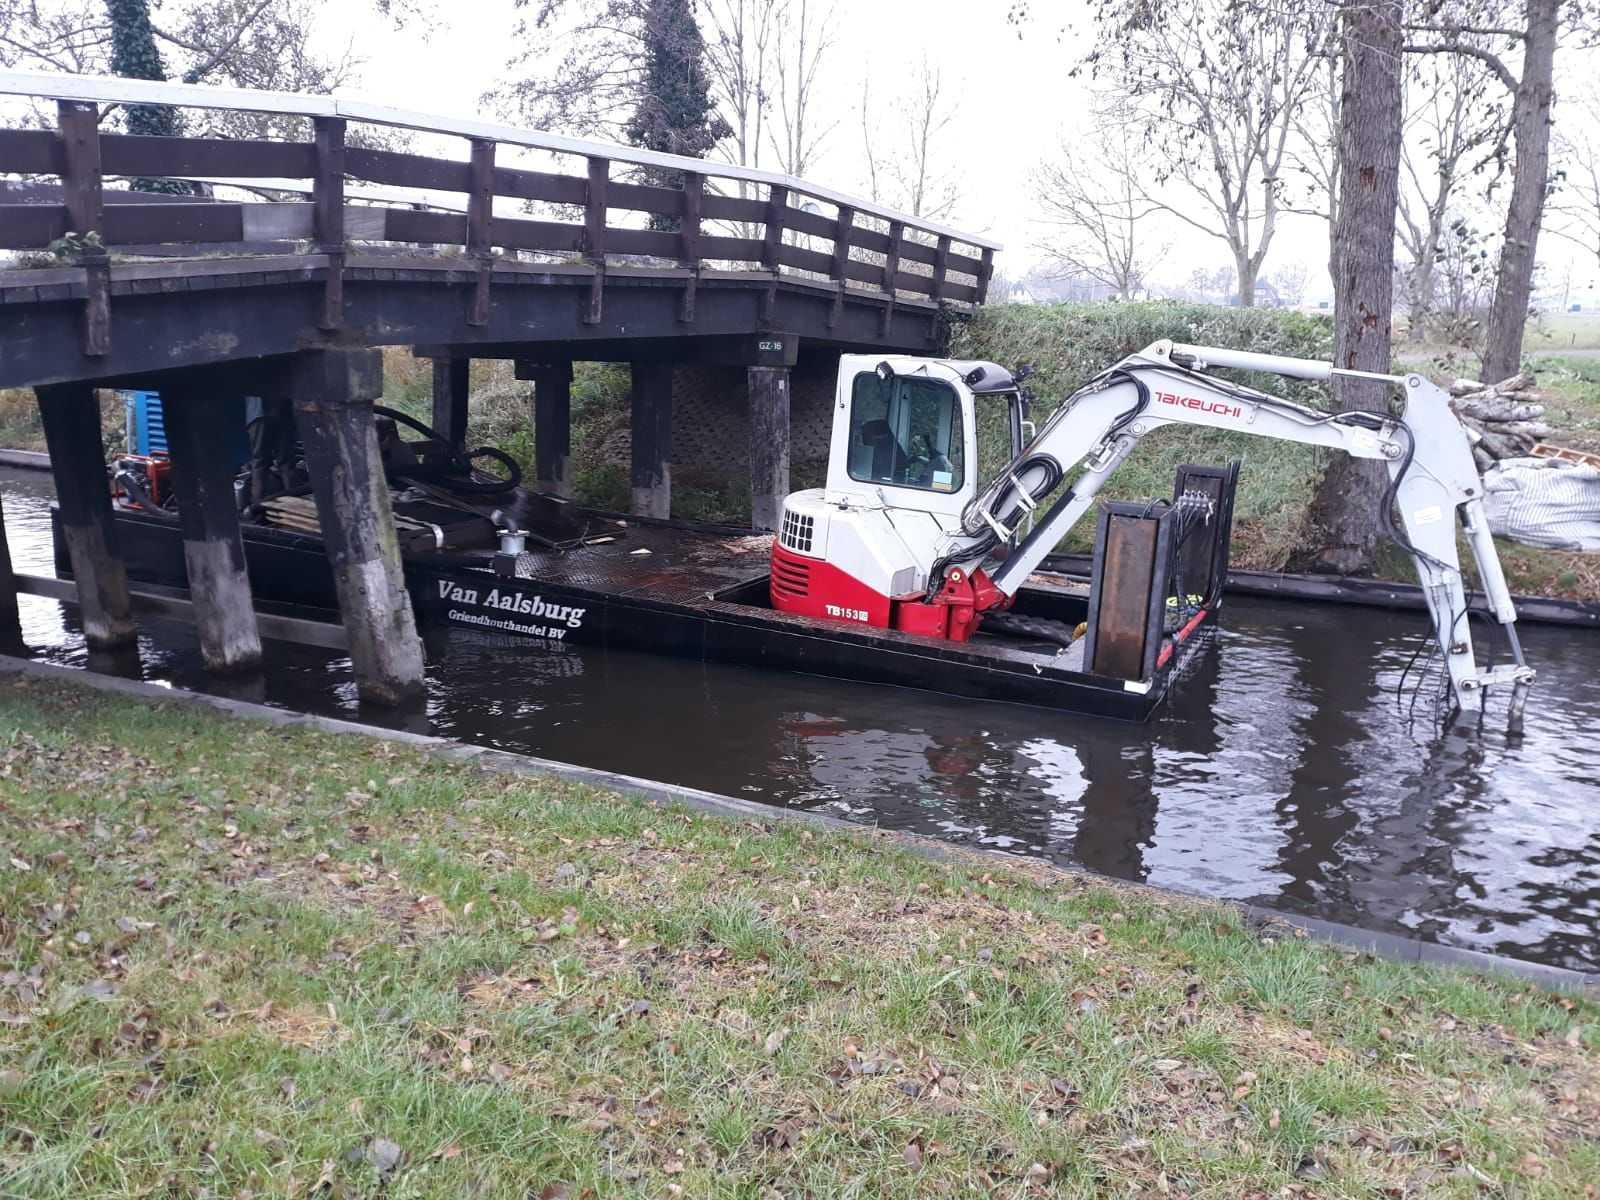 Zelf-varende ponton met kraanlift! - Door de ponton te laten zakken, kan de kraan onder bruggetjes door.